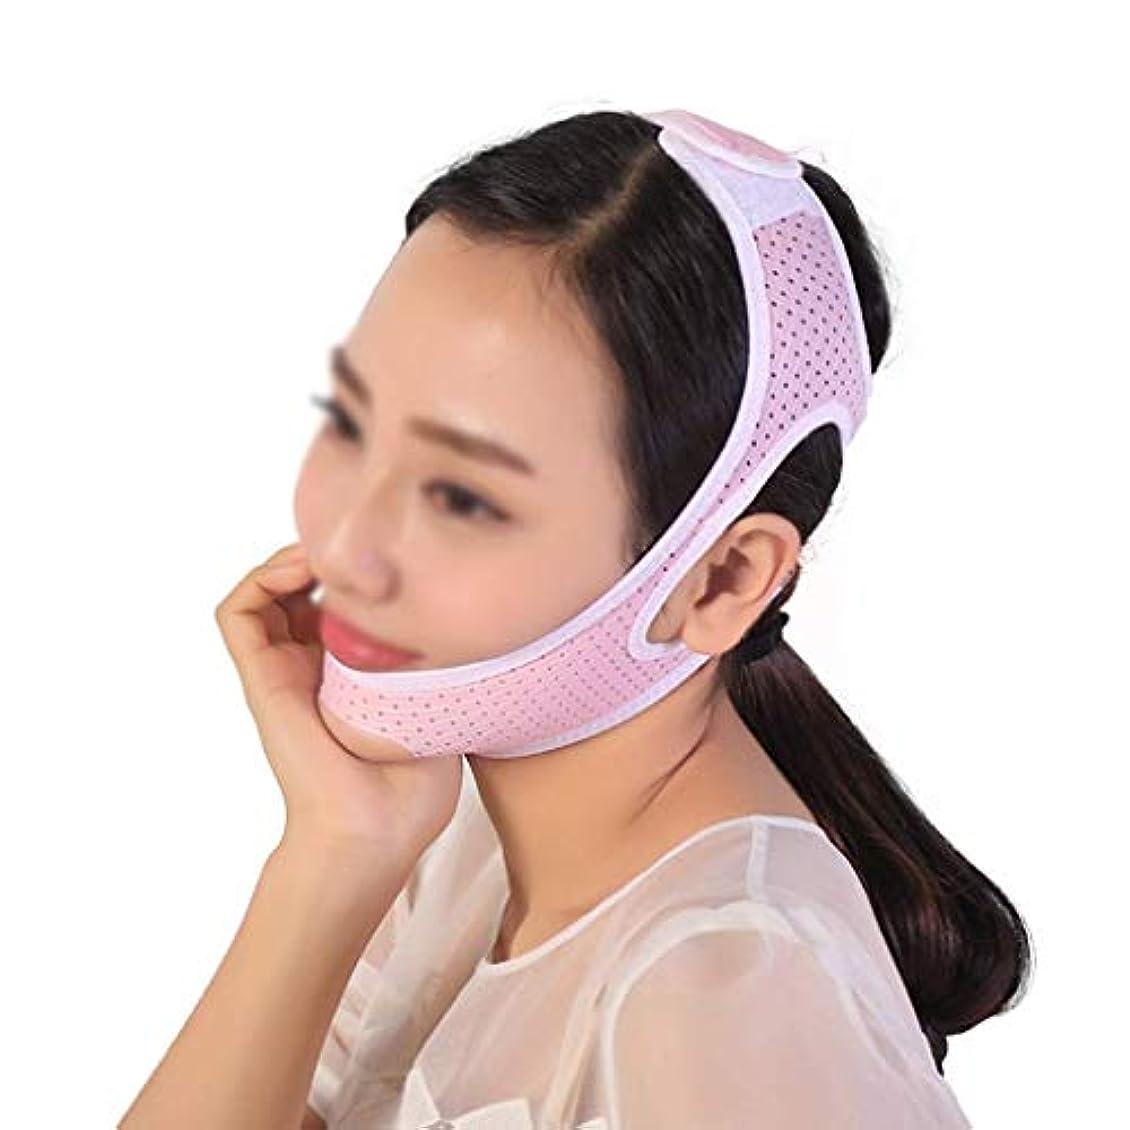 融合民主主義ビジョンフェイスリフトマスク、顔の皮膚の首のあごのラインを改善、リフトフェイス、細い頬マスク、細いチンチーク細いV(ピンク)(サイズ:M),M